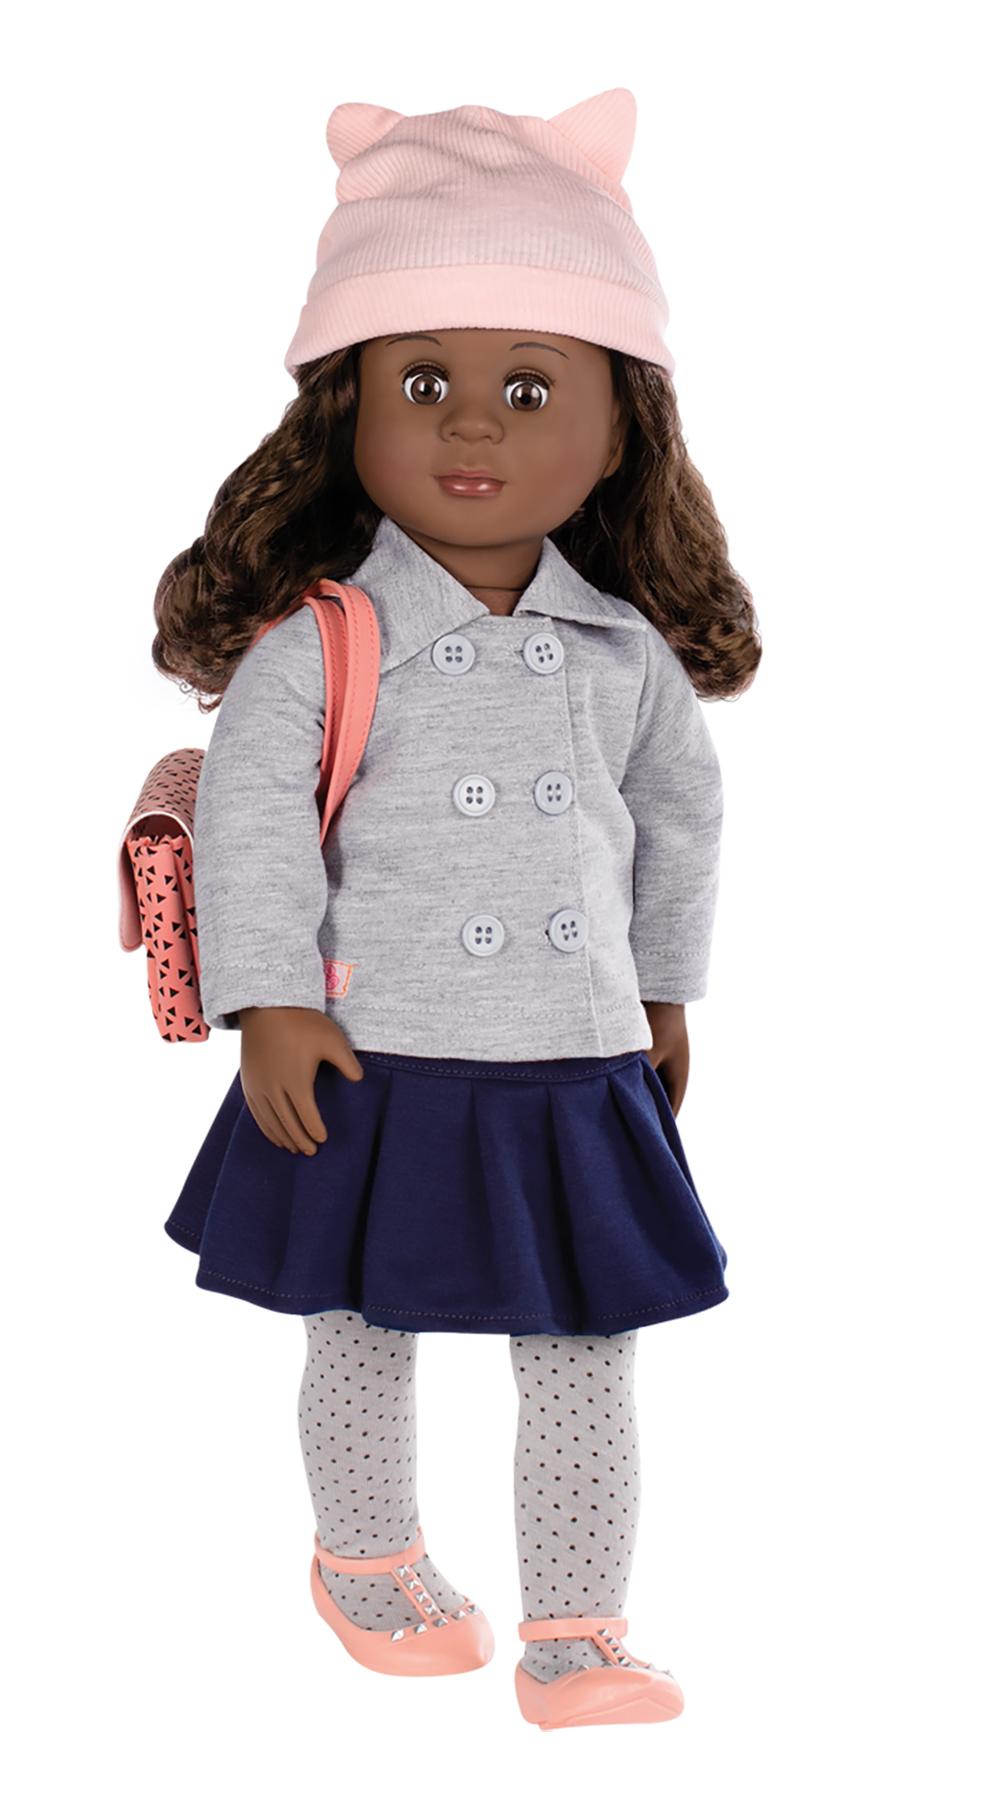 Ensemble de luxe OG - Écolière Class Act pour poupée de 46 cm